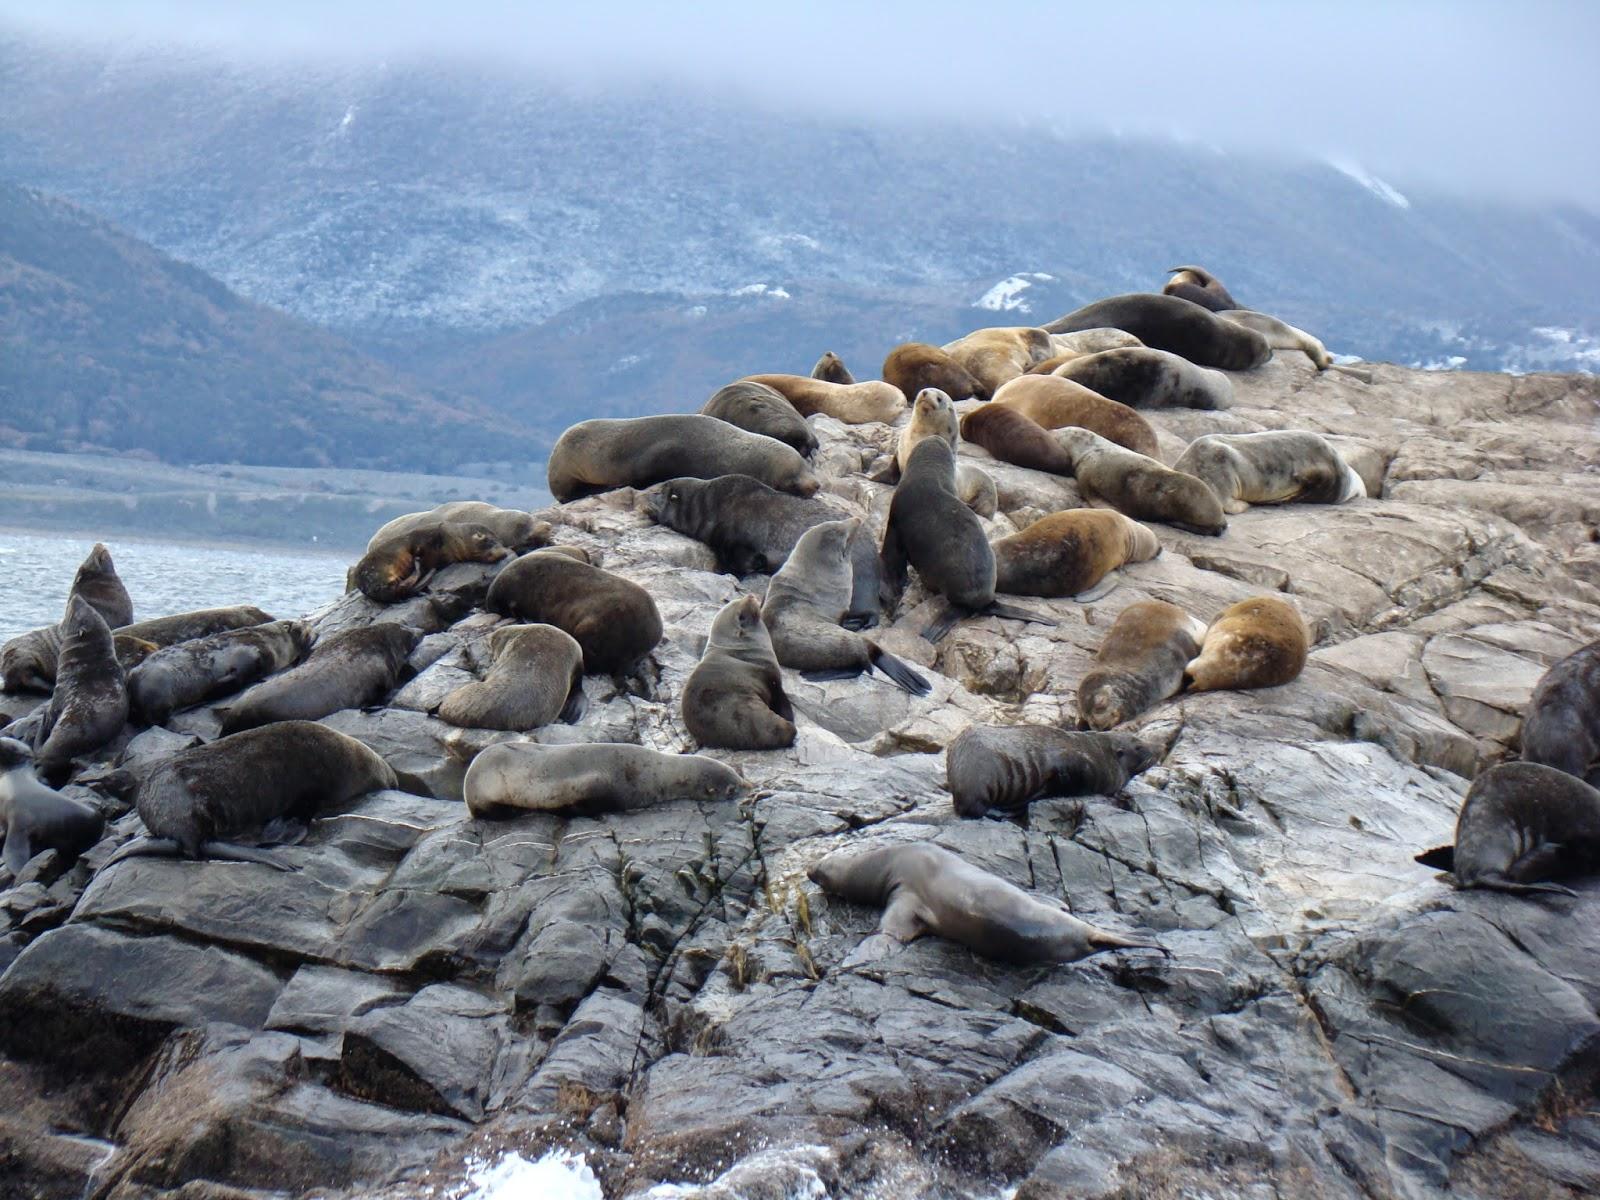 Canal de Beagle, Ushuaia, Argentina, Elisa N, Blog de Viajes, Lifestyle, Travel